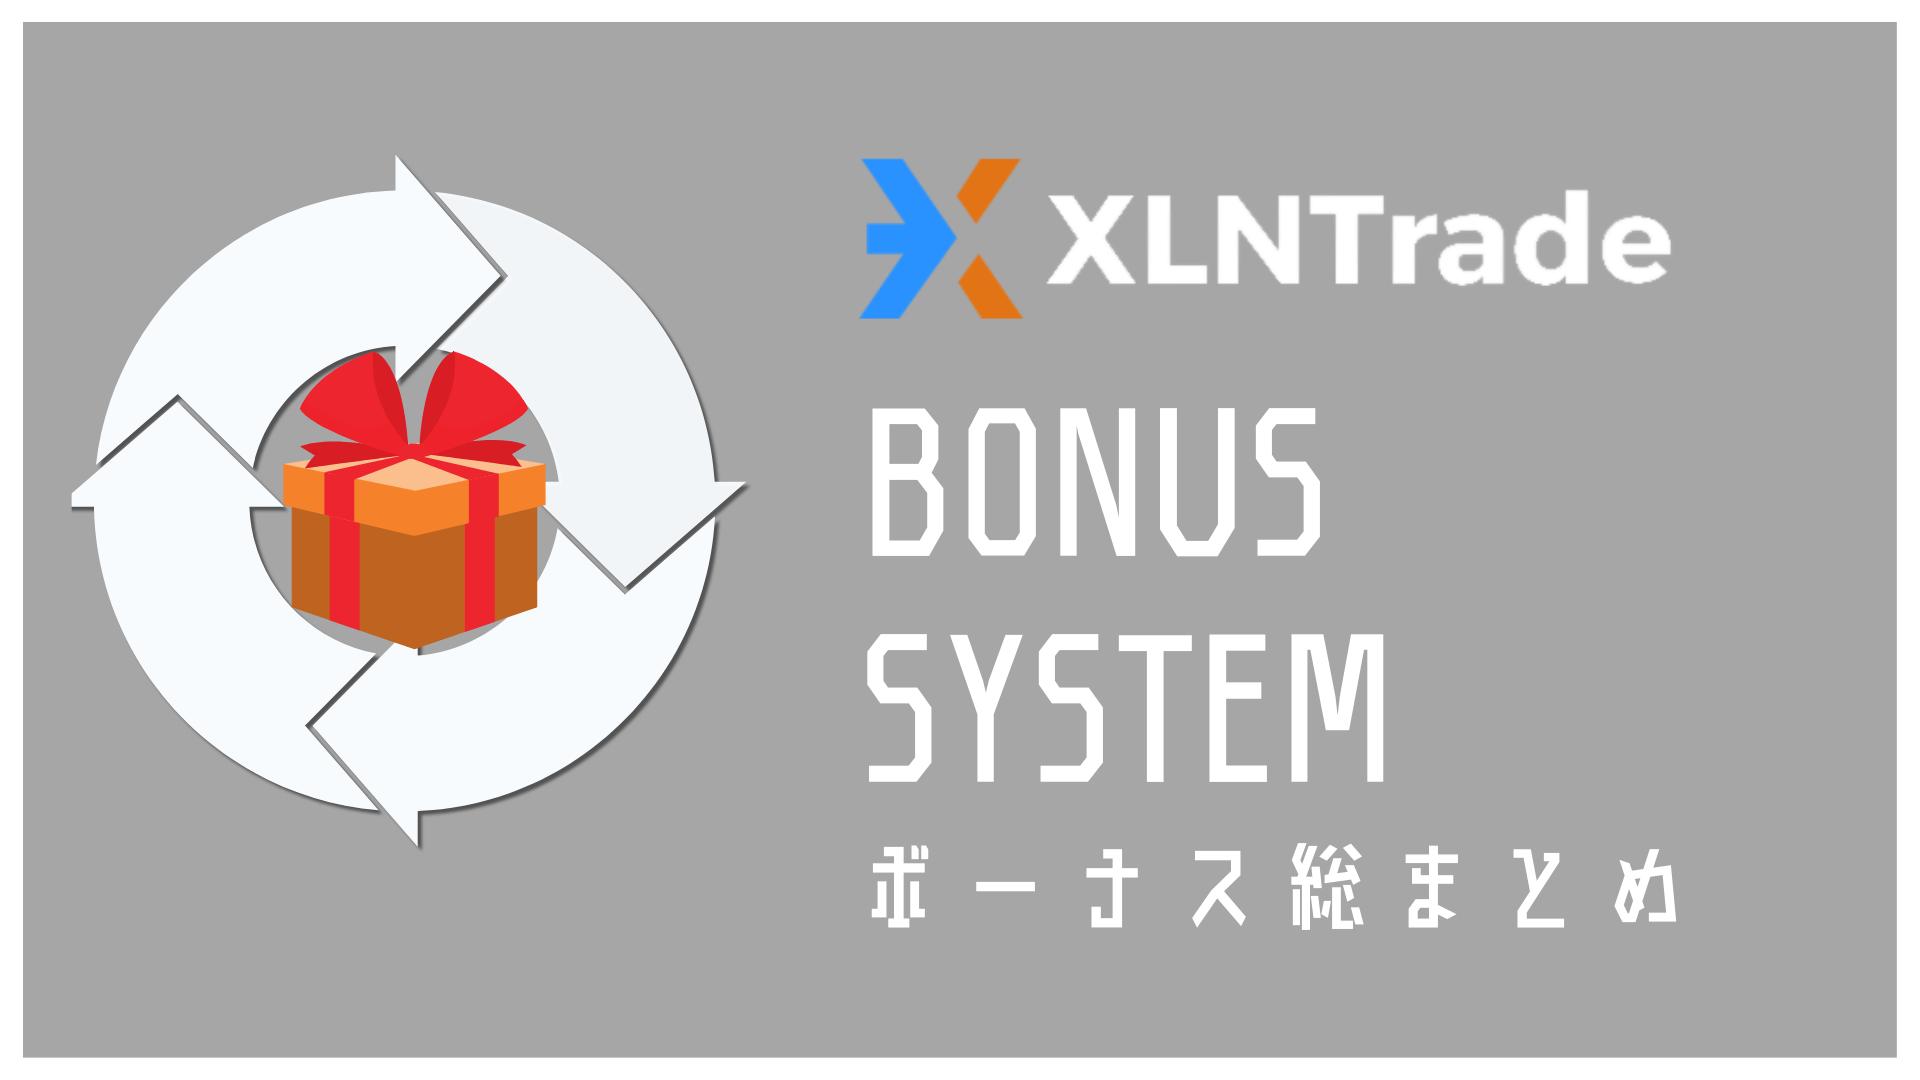 XLNTrade(エクセレントトレード)ボーナスを誰よりも詳しく画像解説